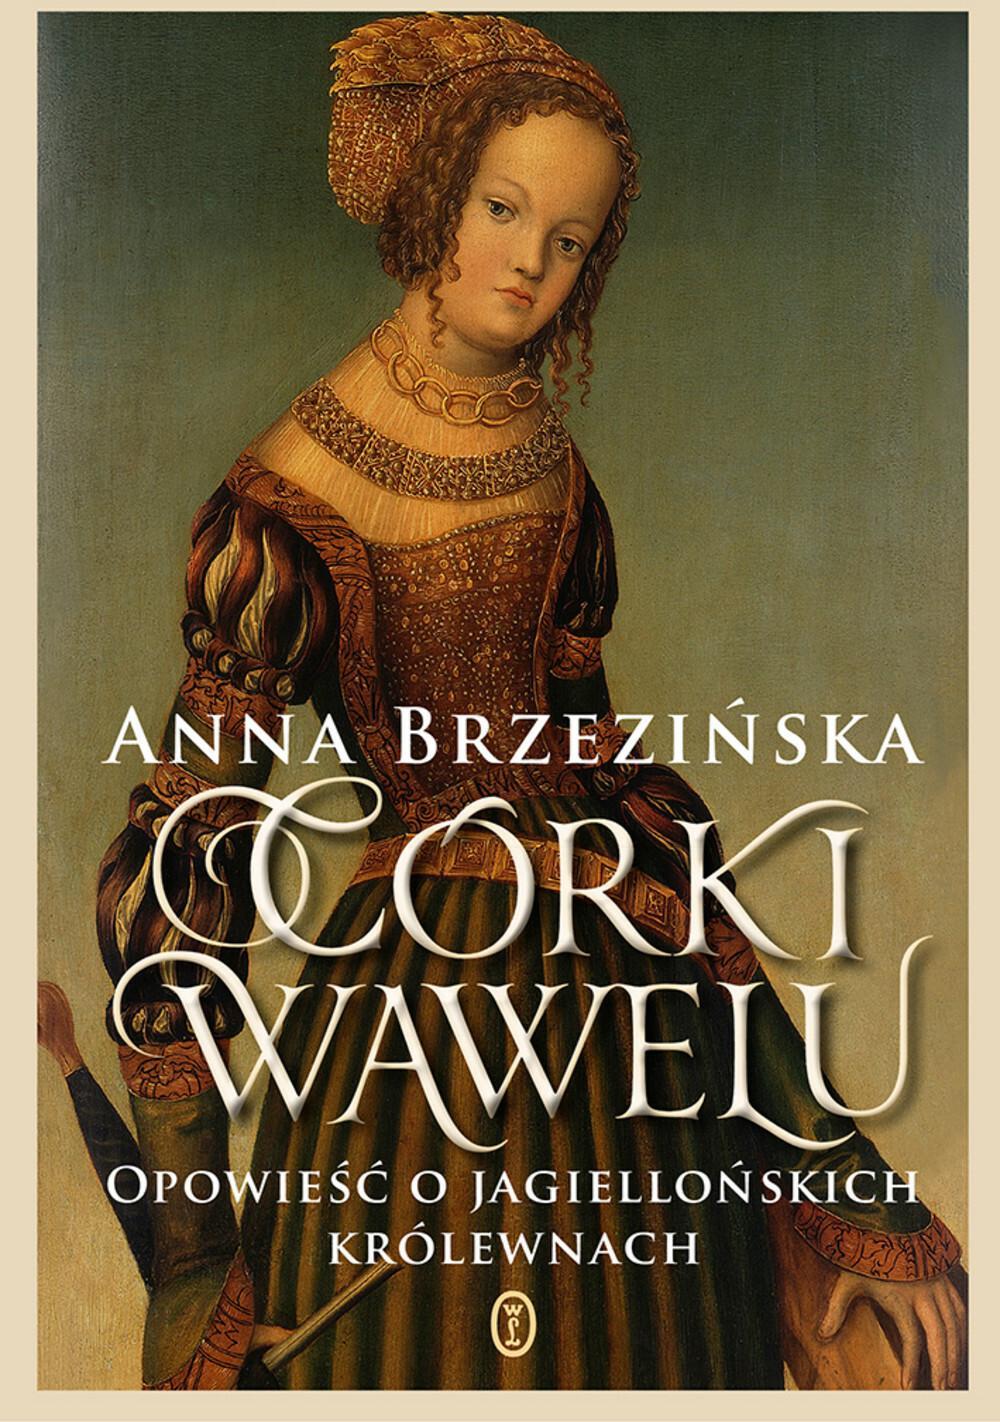 CÓRKI WAWELU OPOWIEŚĆ O JAGIELLOŃSKICH KRÓLEWNACH - Anna Brzezińska